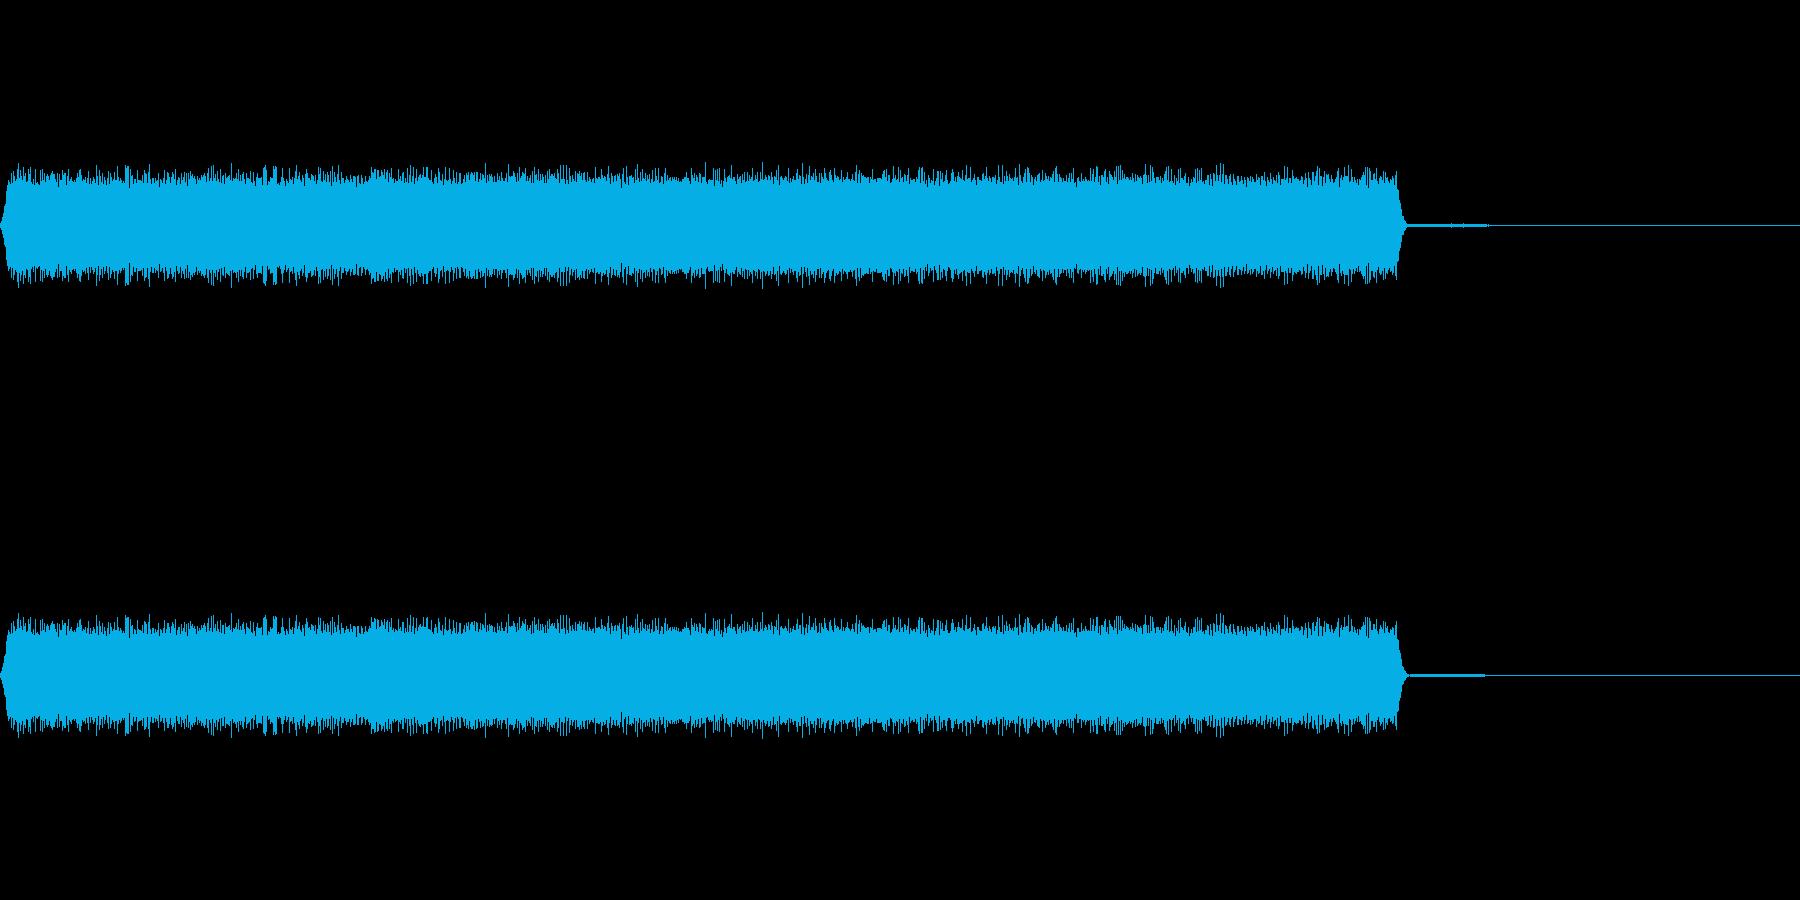 ロボットがしゃべっているような音の再生済みの波形